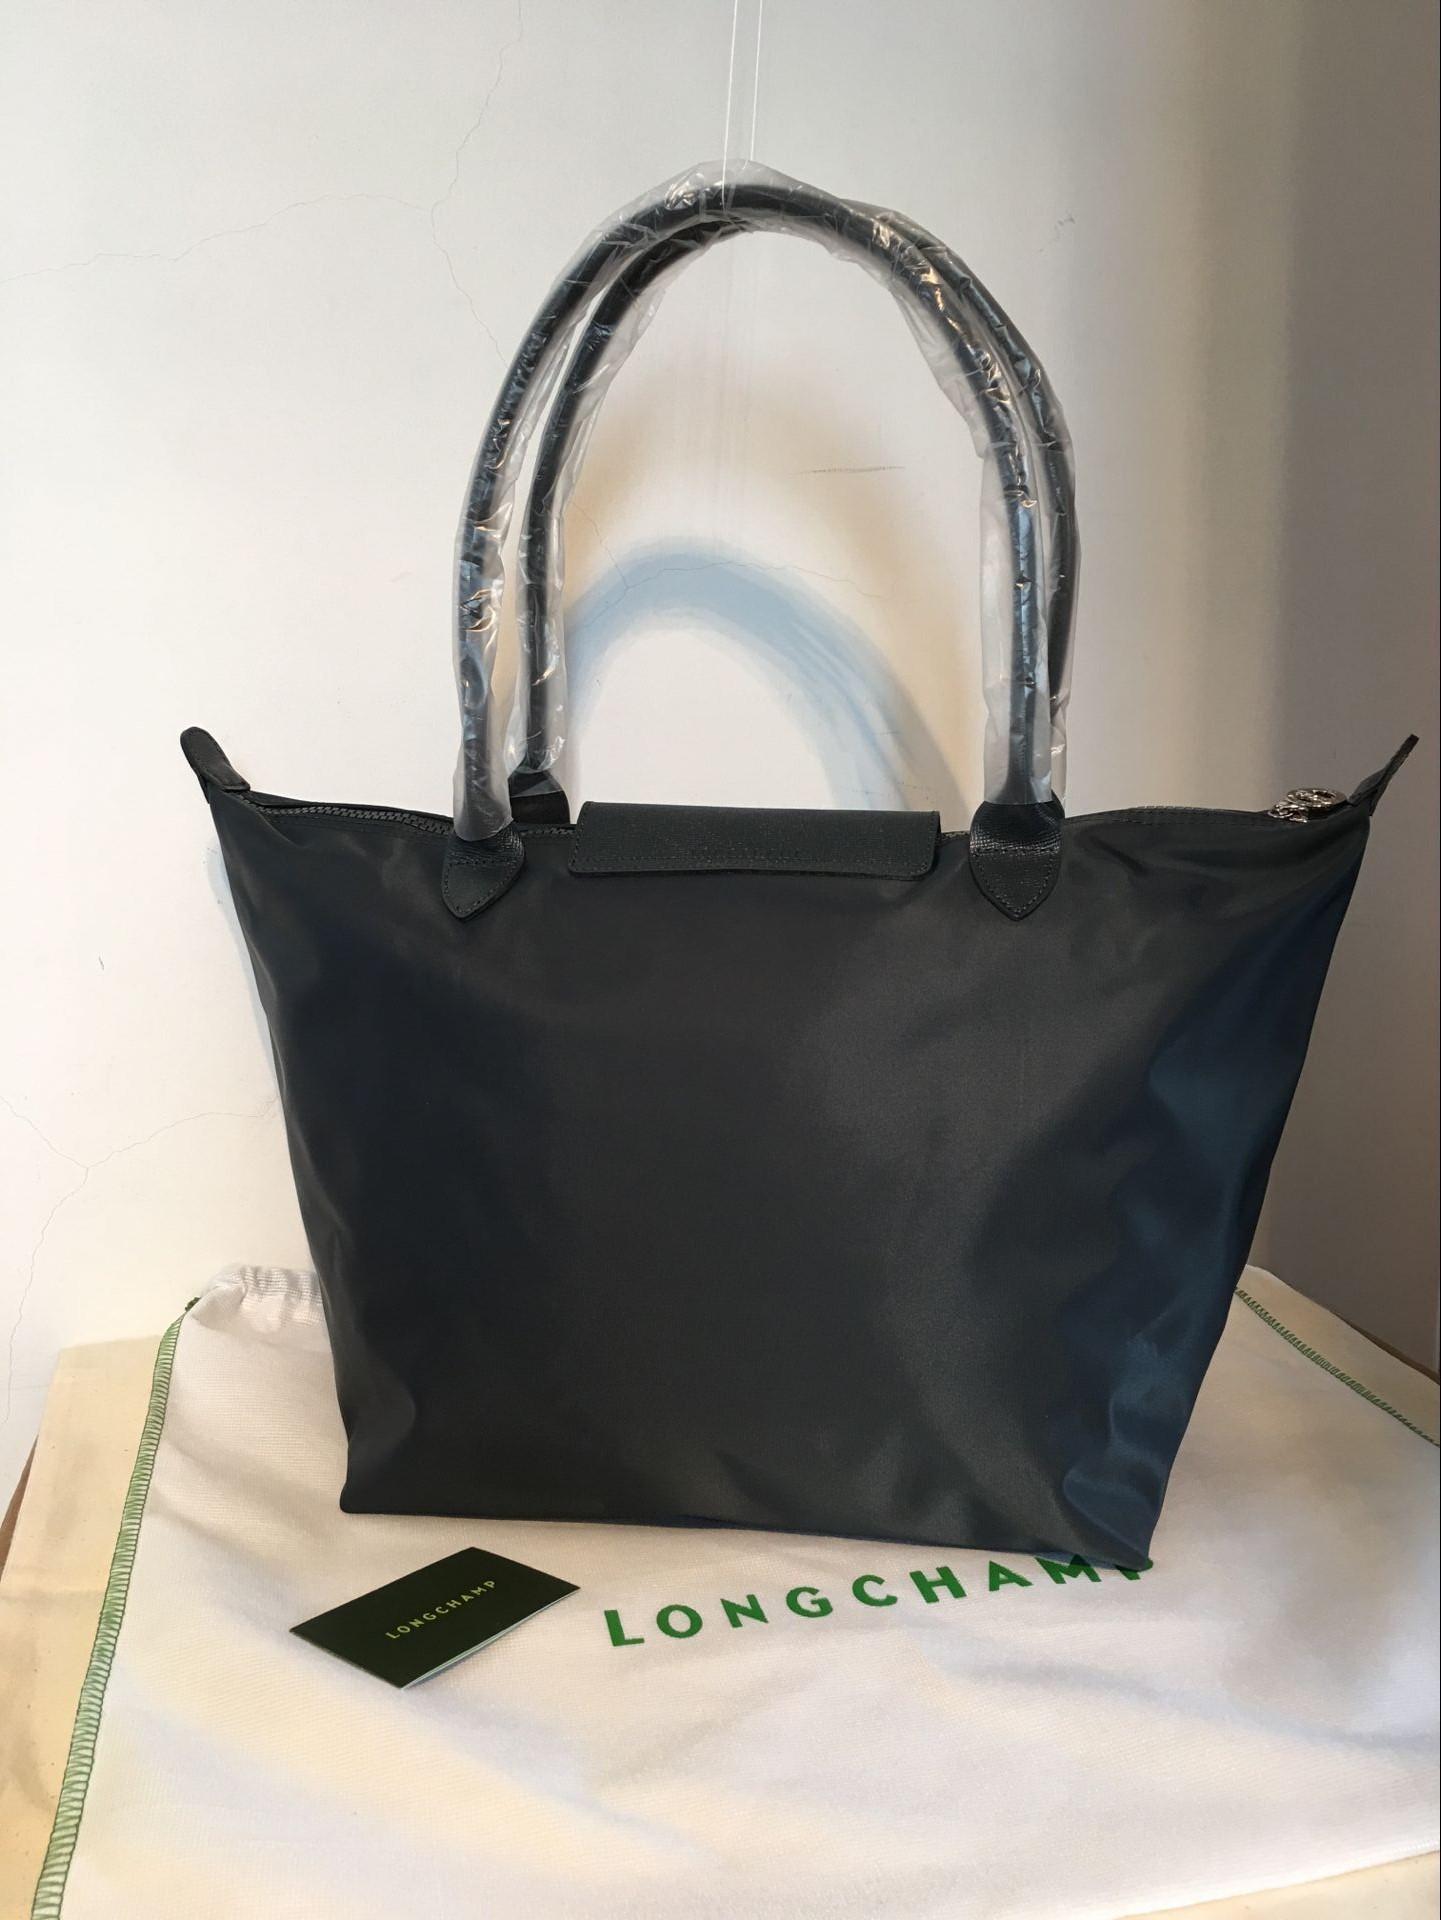 Authentic Longchamp Le Pliage Neo Large Tote Bag Graphite 1899578897 ... 97c12752ecc09